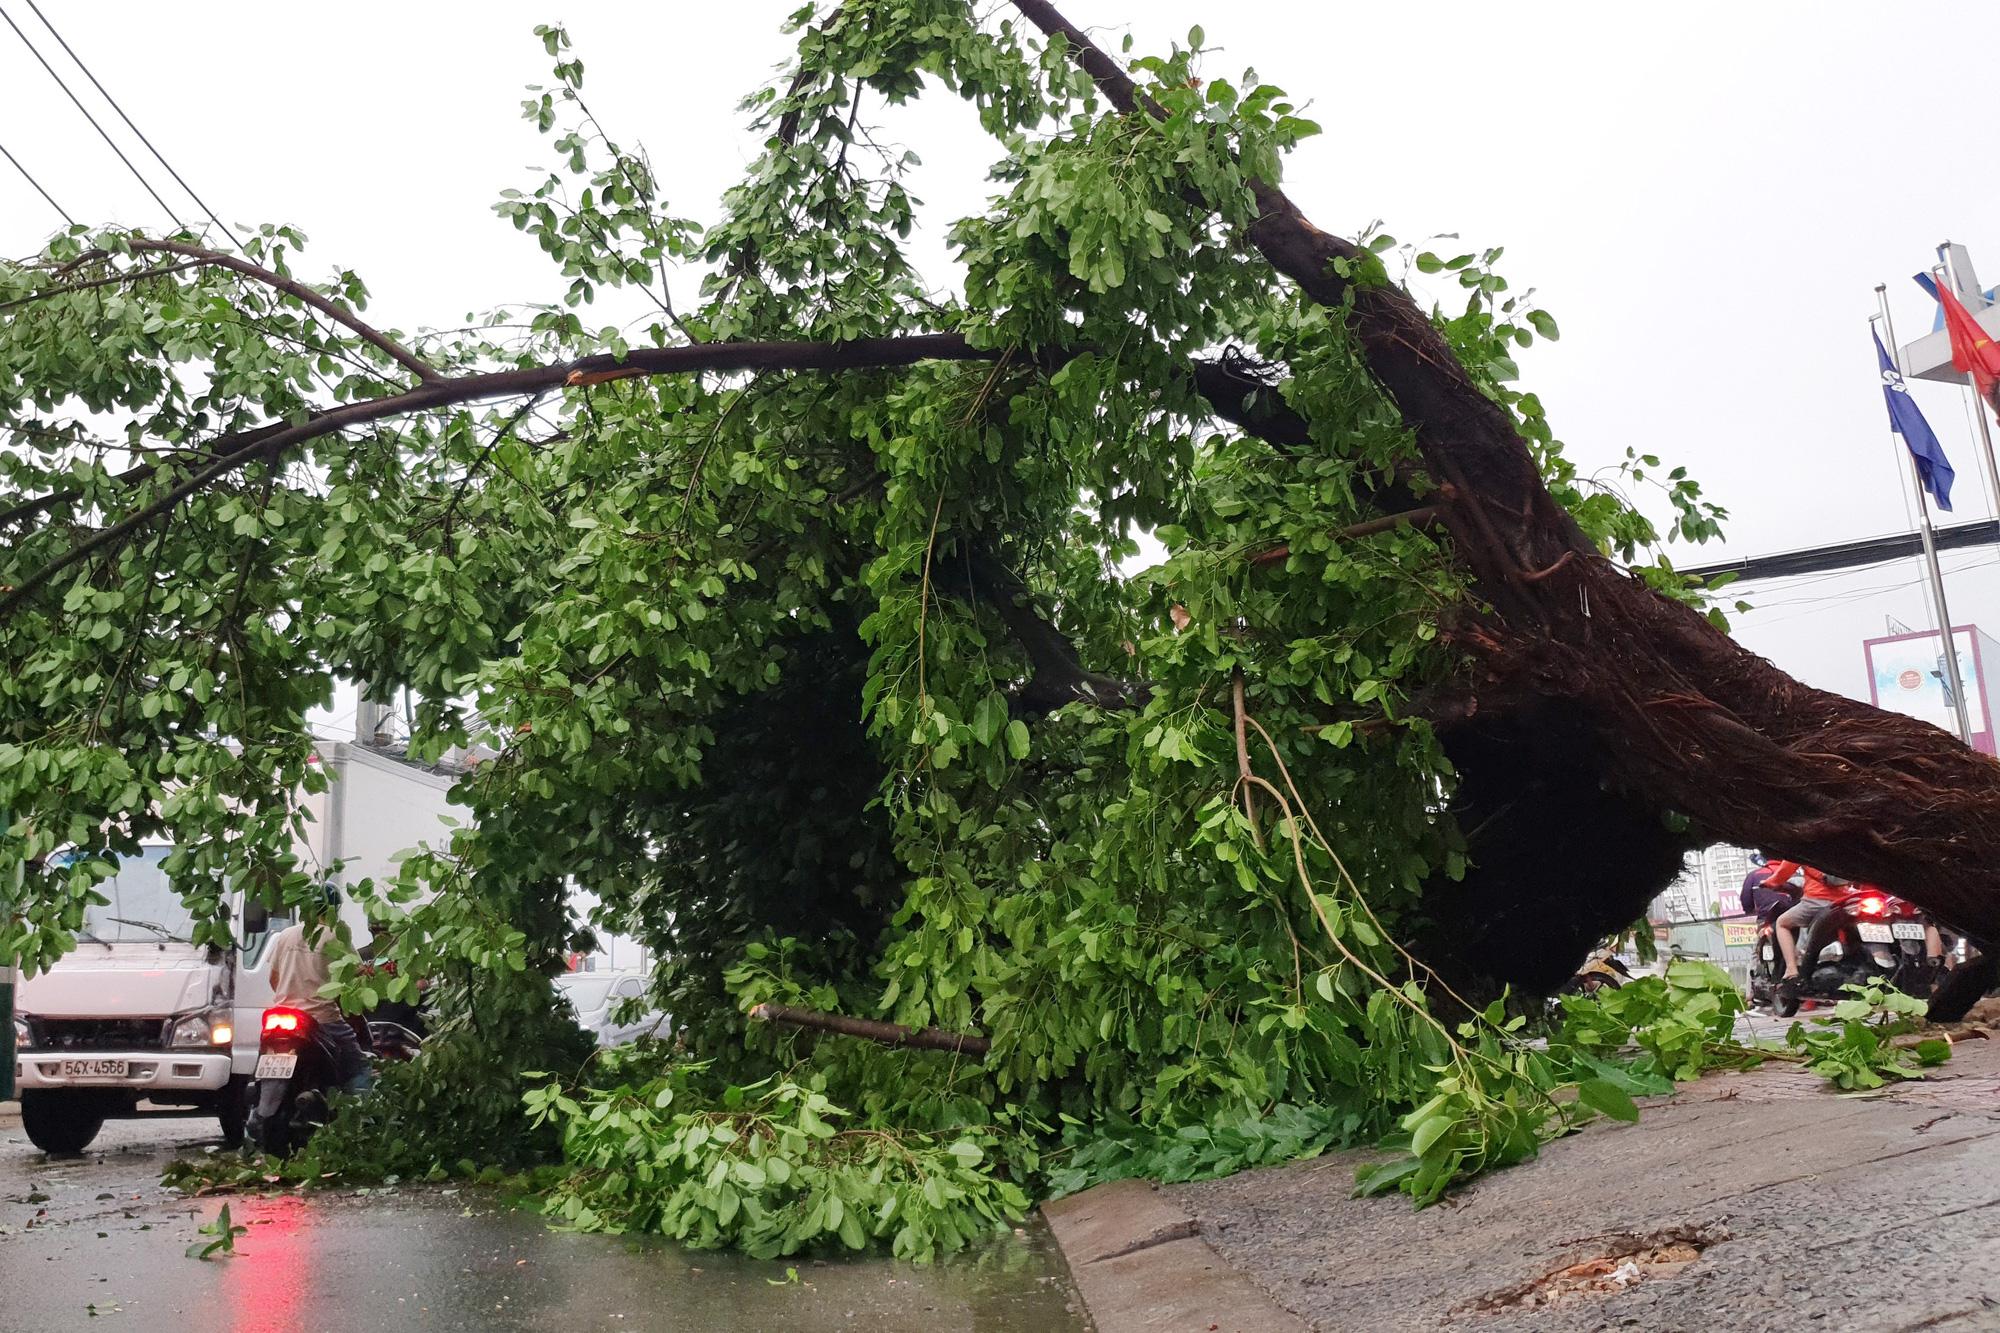 TP.HCM: Cây xanh gãy, bật gốc hàng loạt sau mưa lớn - Ảnh 3.